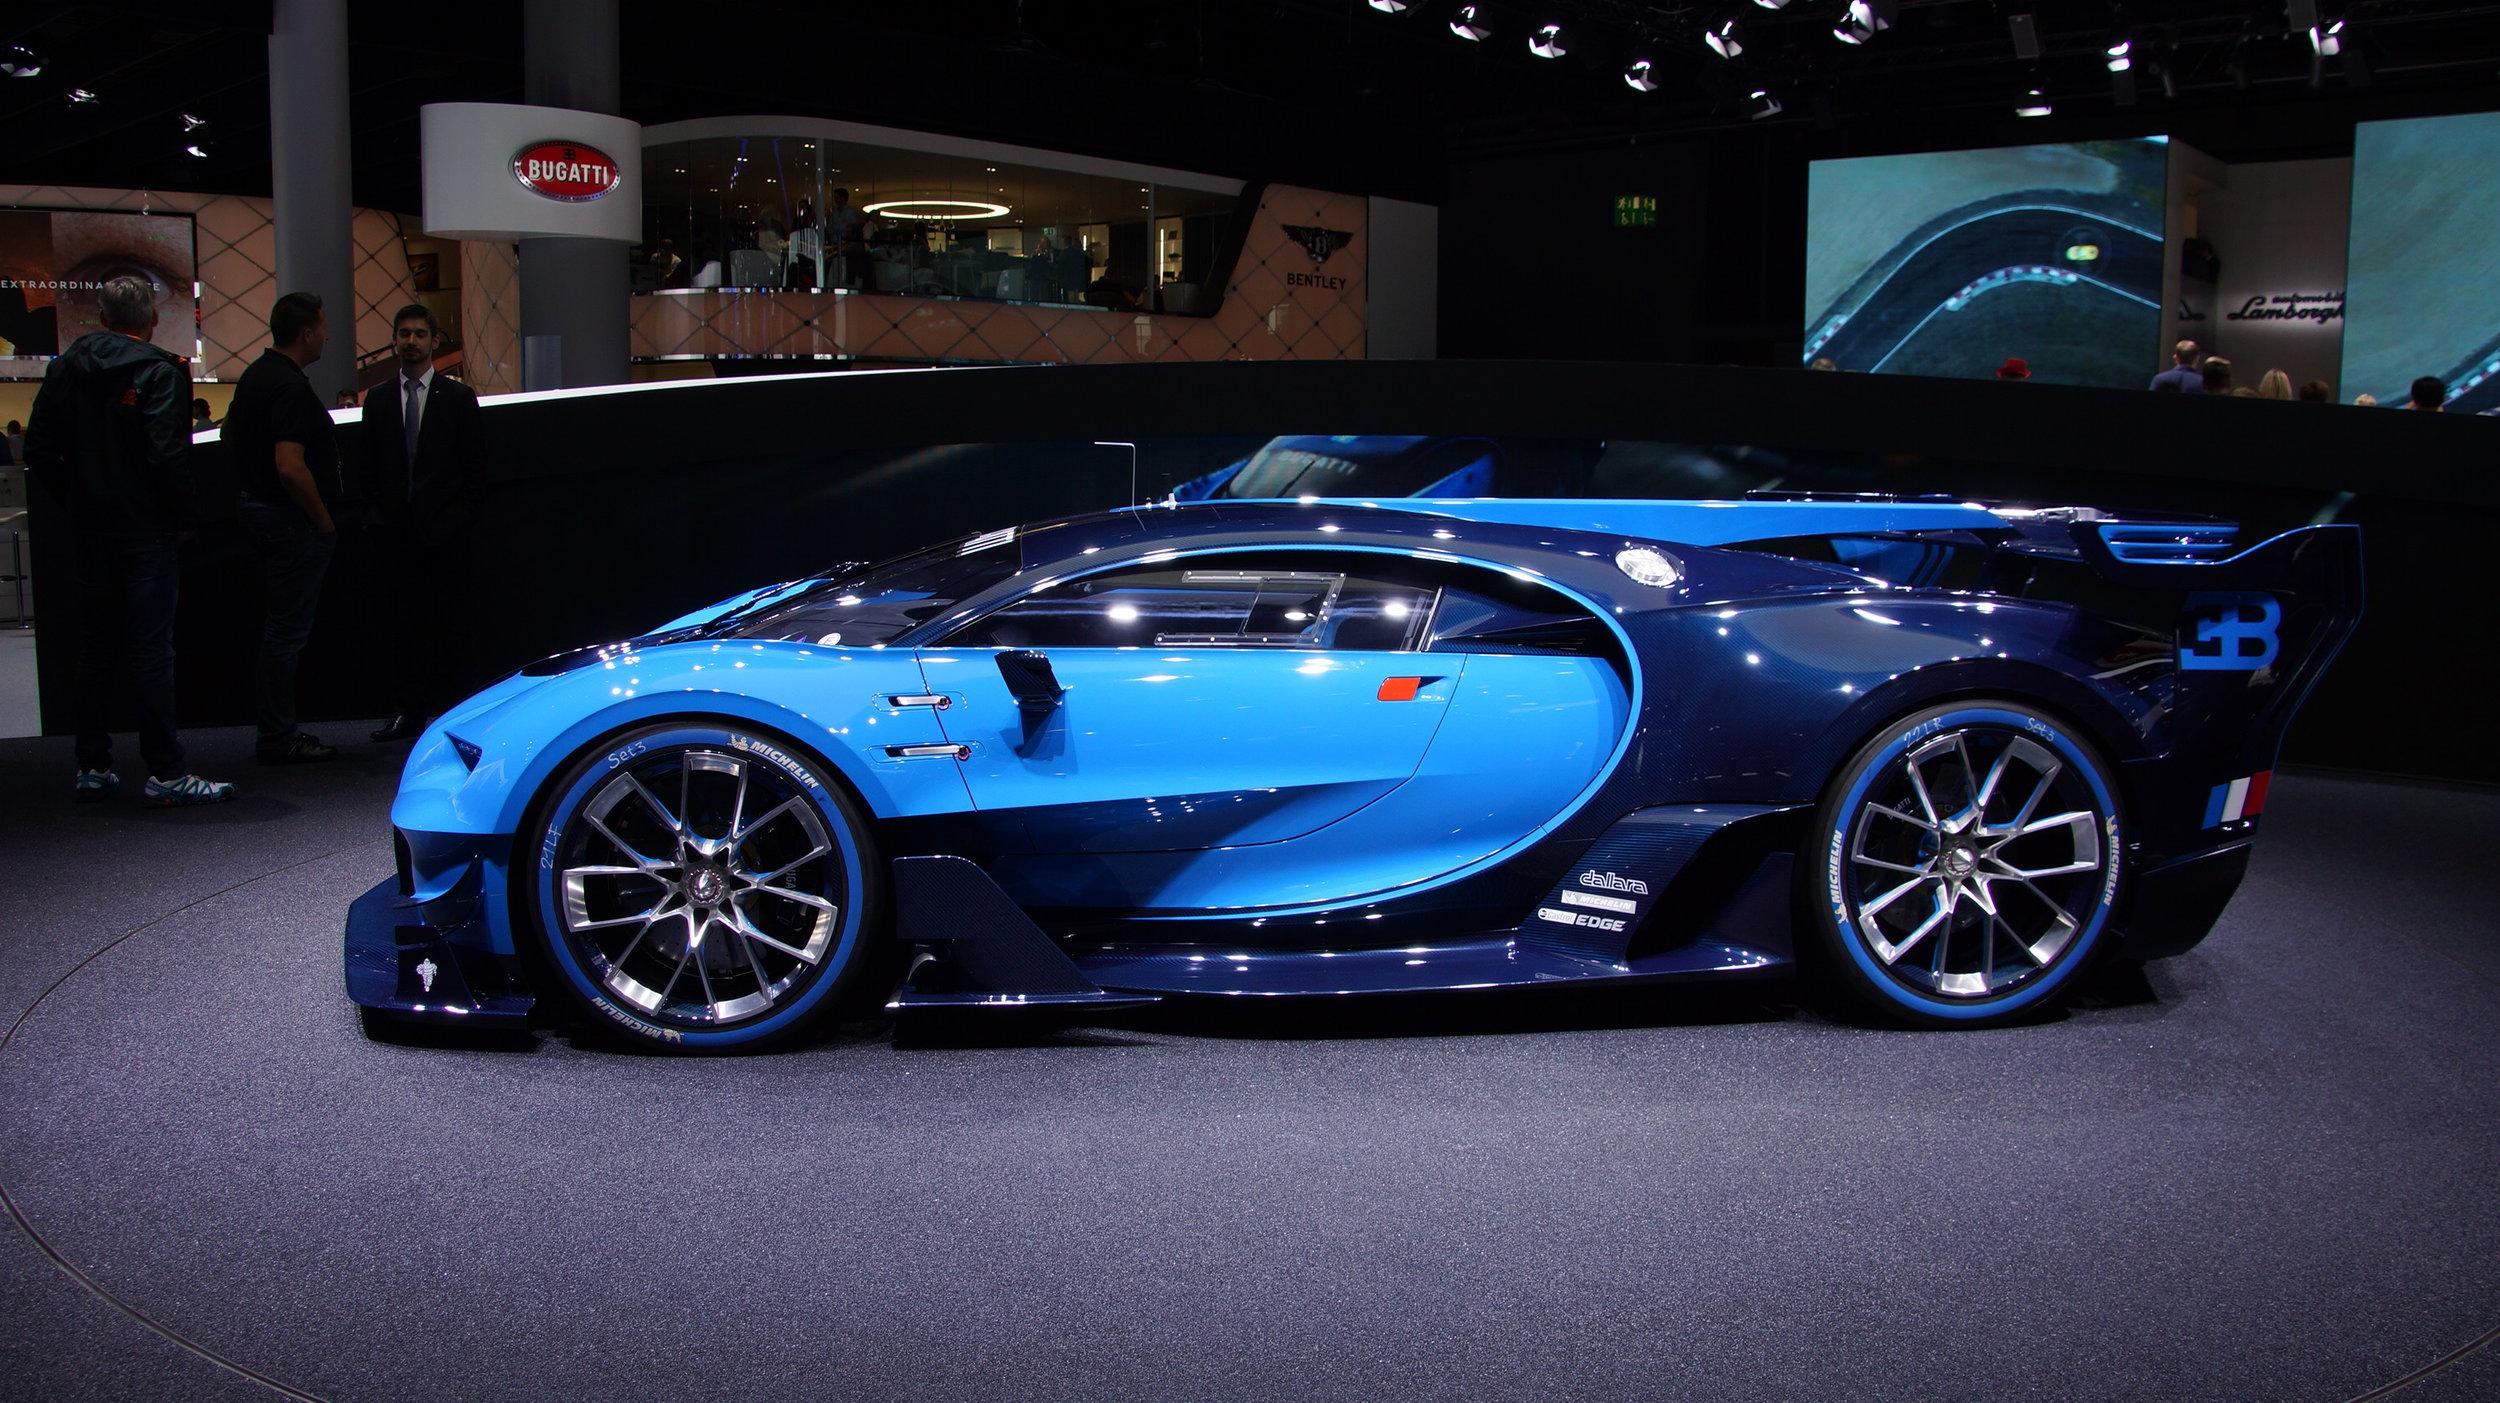 Bugatti_Vision_auf_der_IAA_2015_in_Frankfurt